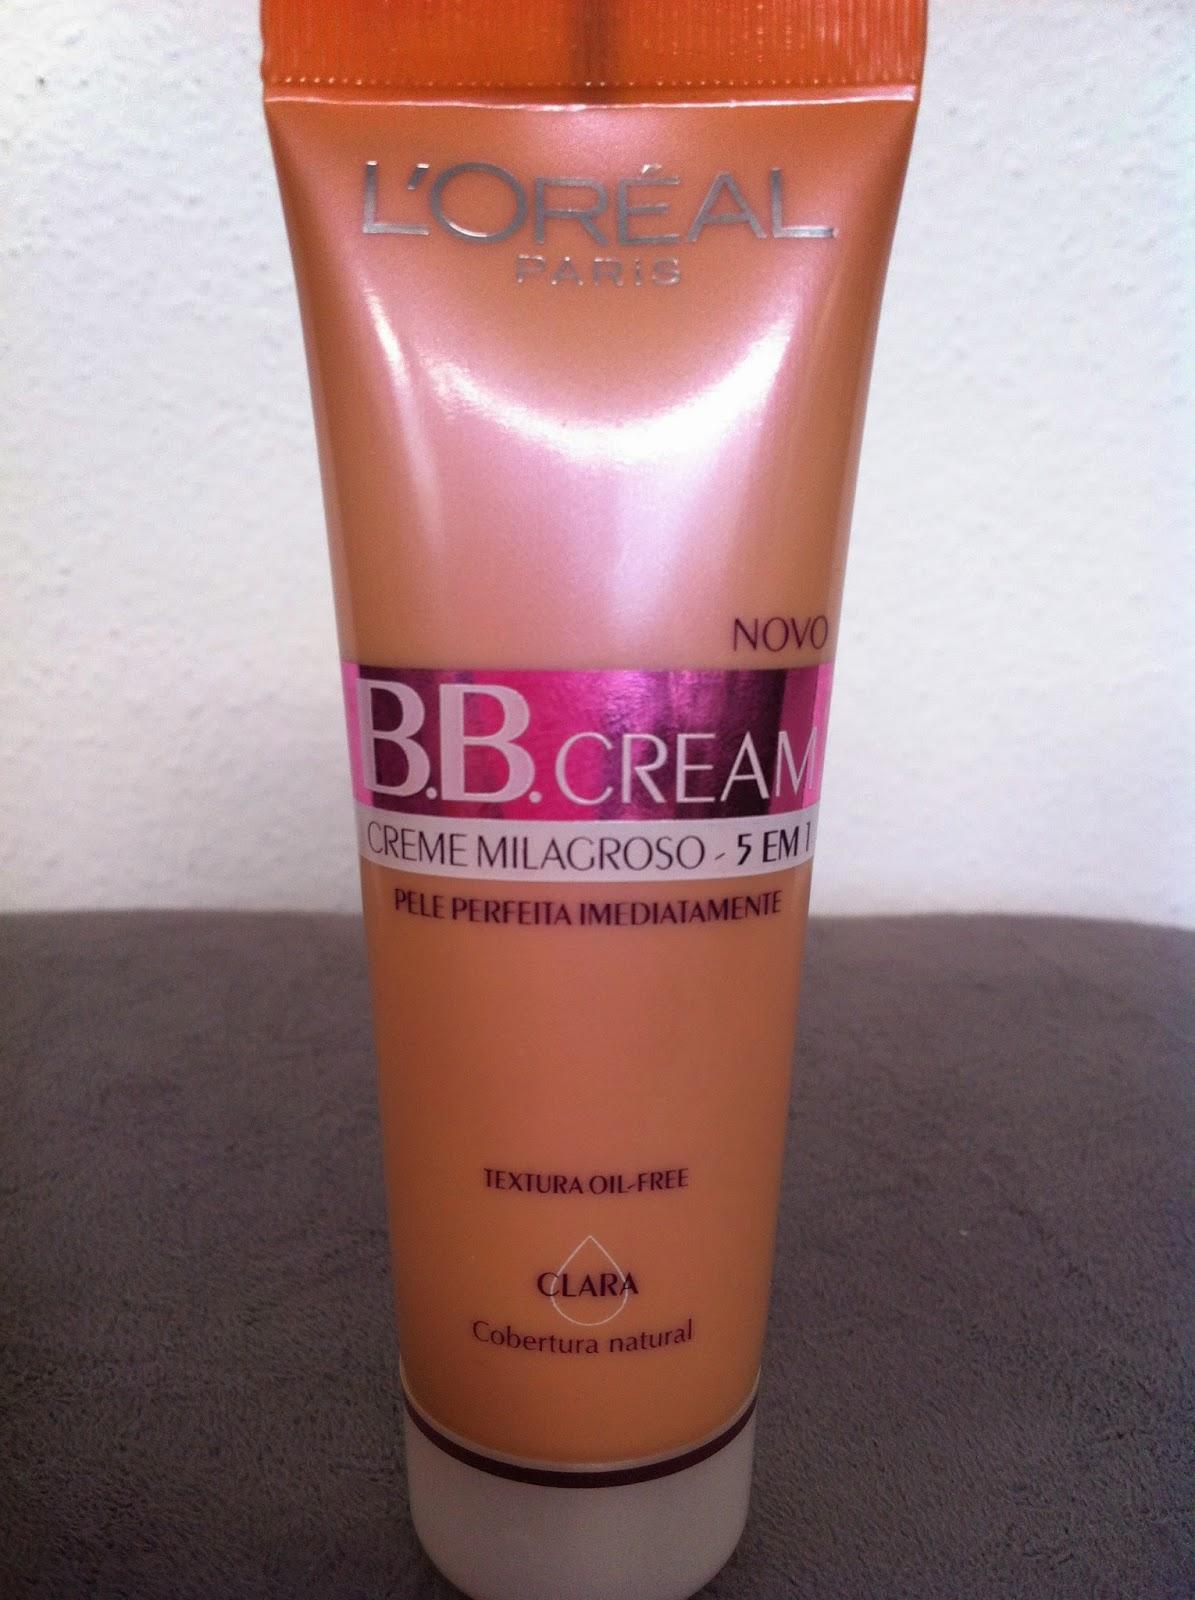 bb cream, creme milagroso, base, rosto, pele perfeita, oil free, protetor solar, loreal paris